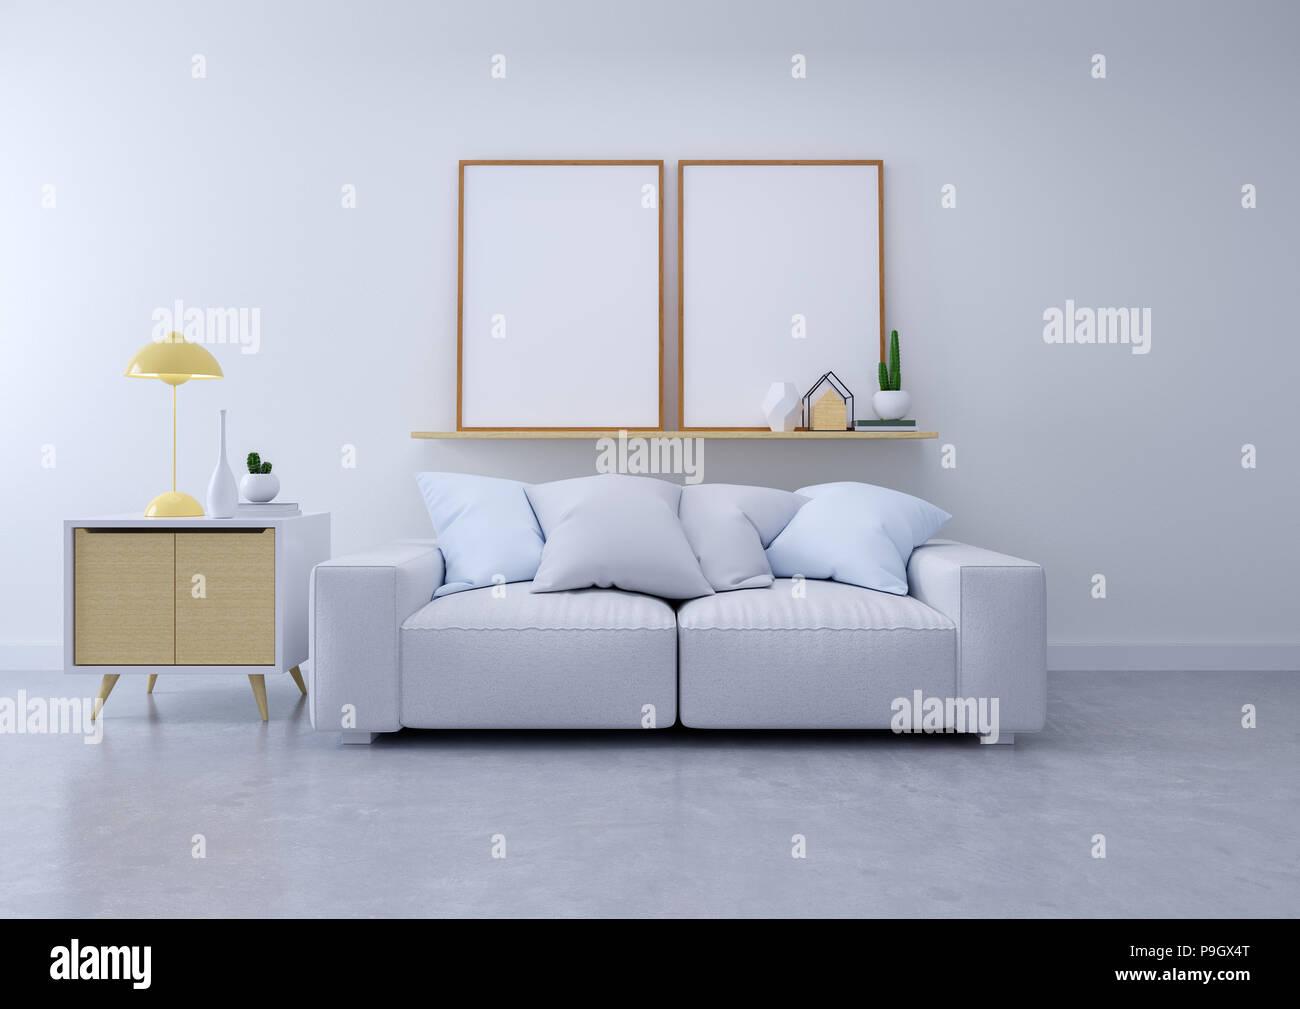 Modernes Design Interieur von Wohnzimmer, grau Sofa auf Betonböden ...